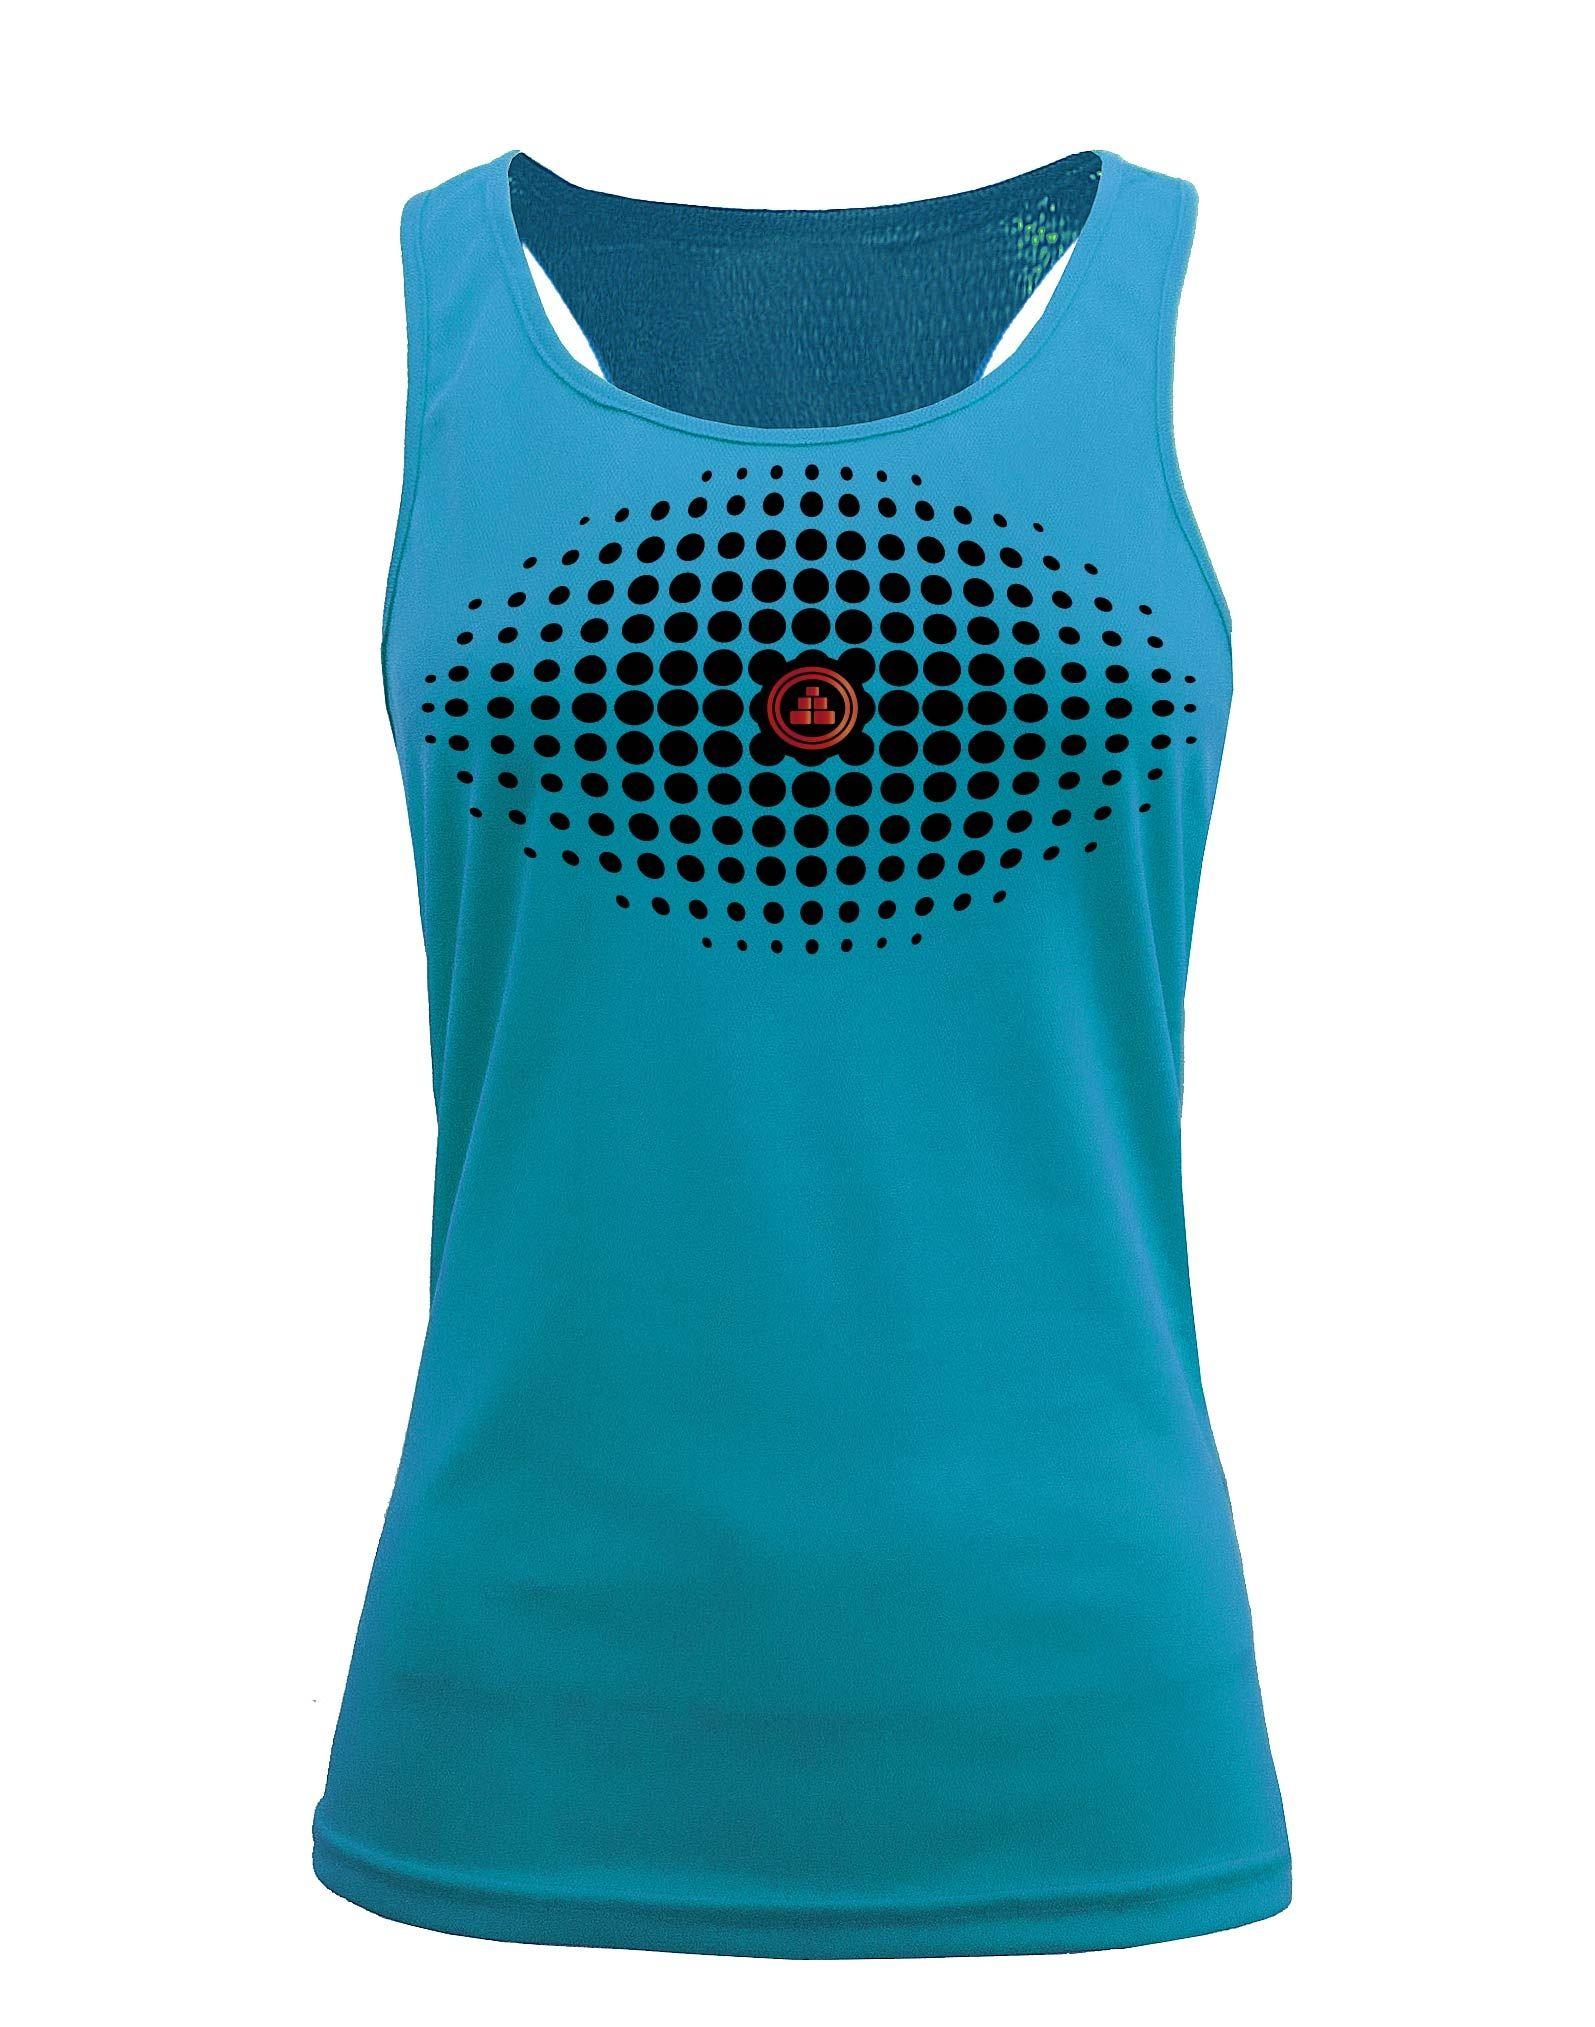 Camiseta fitness de tirantes degradado Aqua